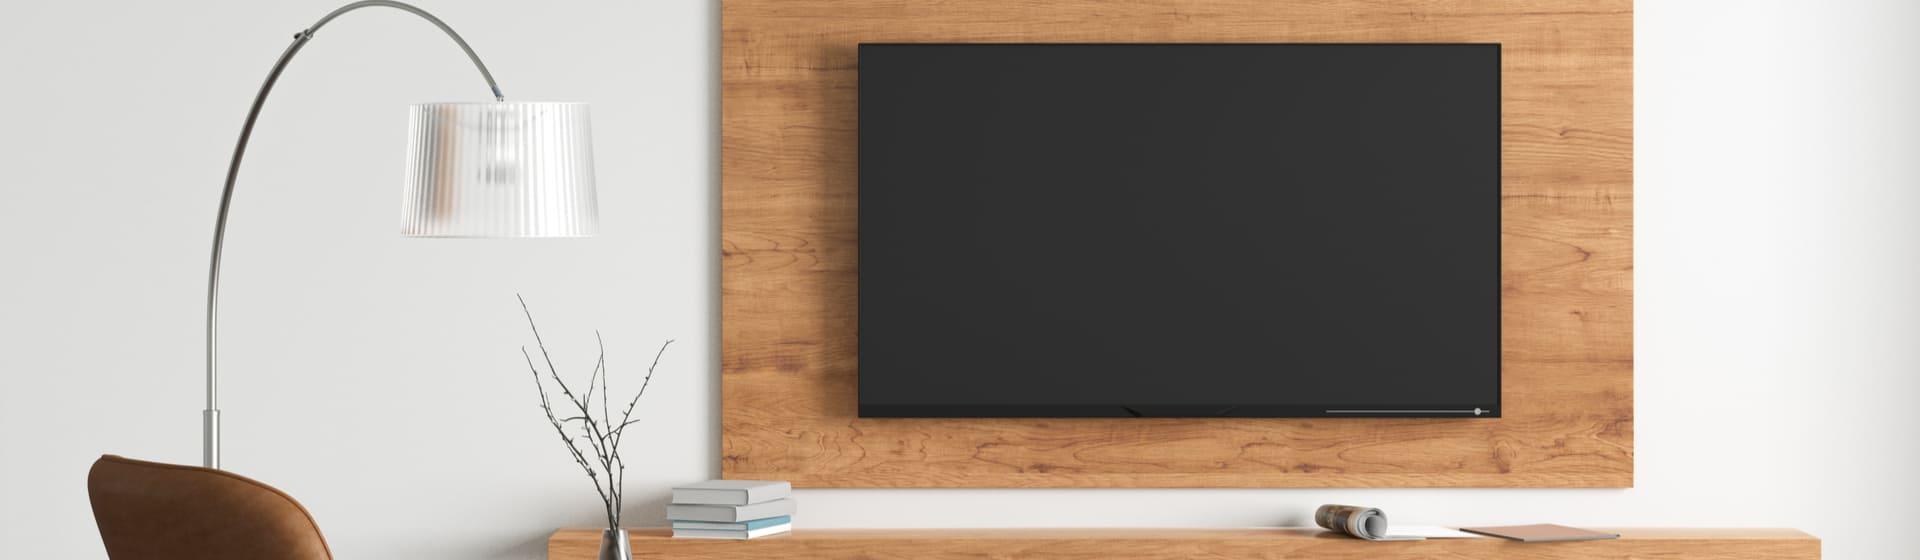 Painel para TV 50 polegadas: veja melhores para sala e quarto